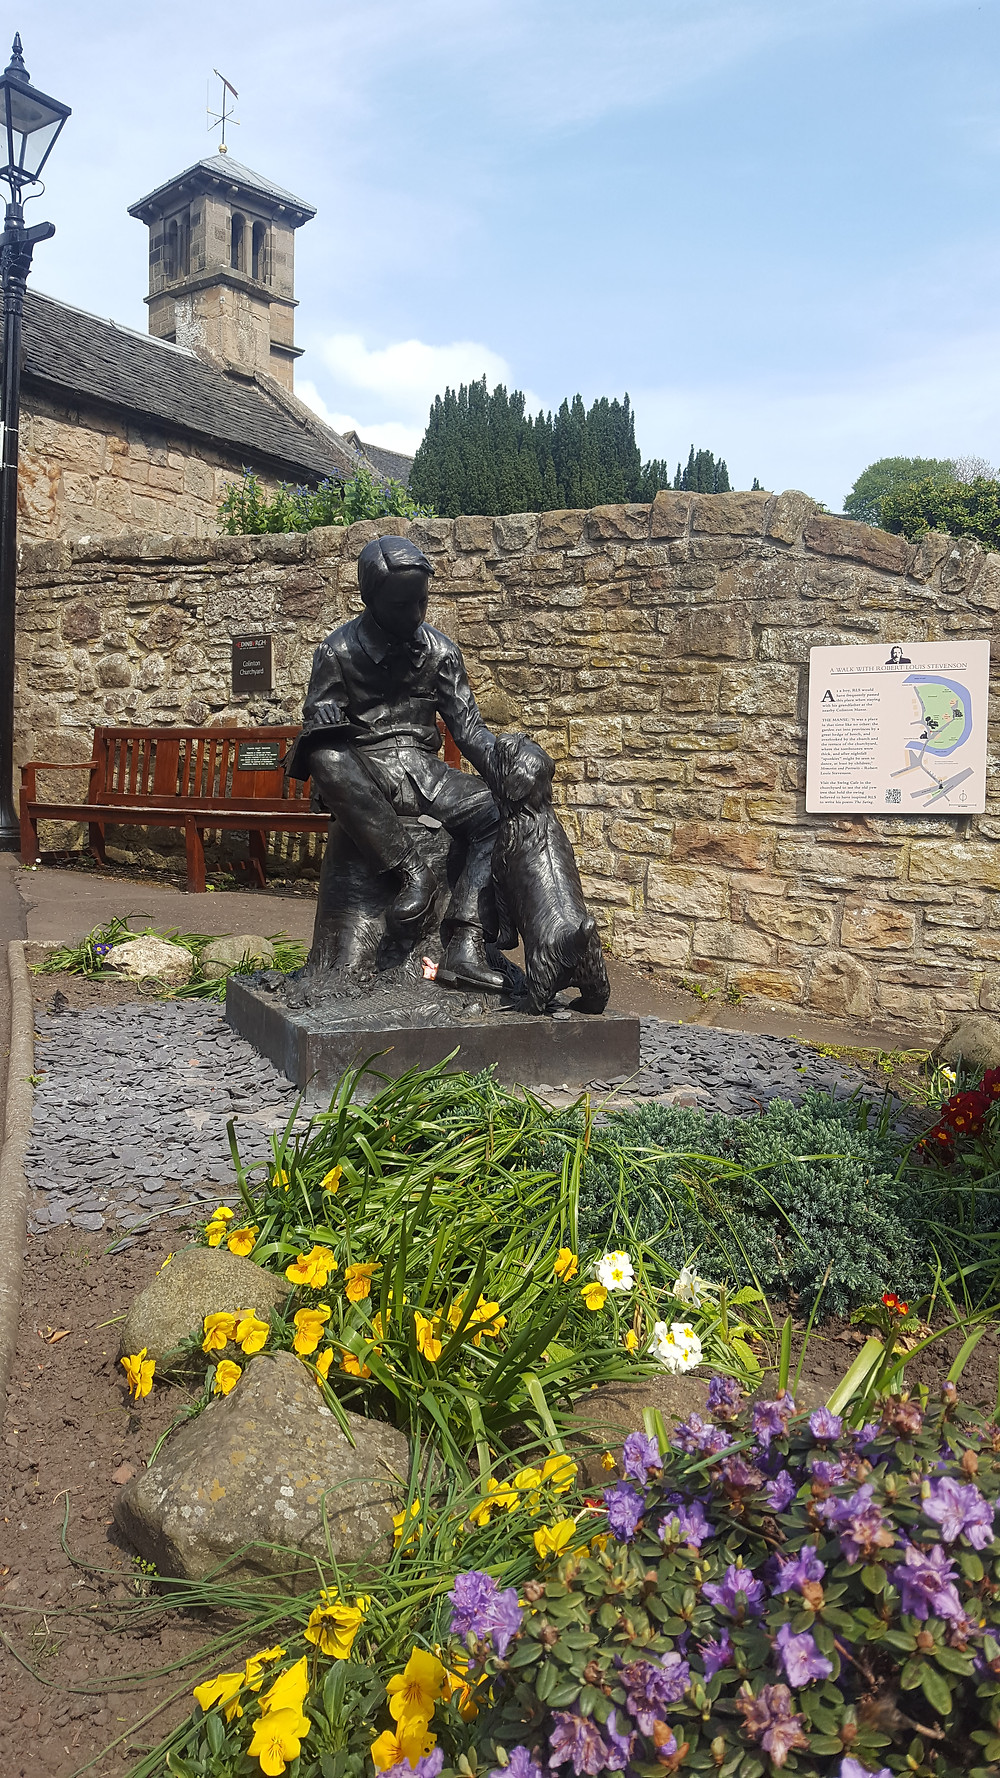 Statue of RL Stevenson